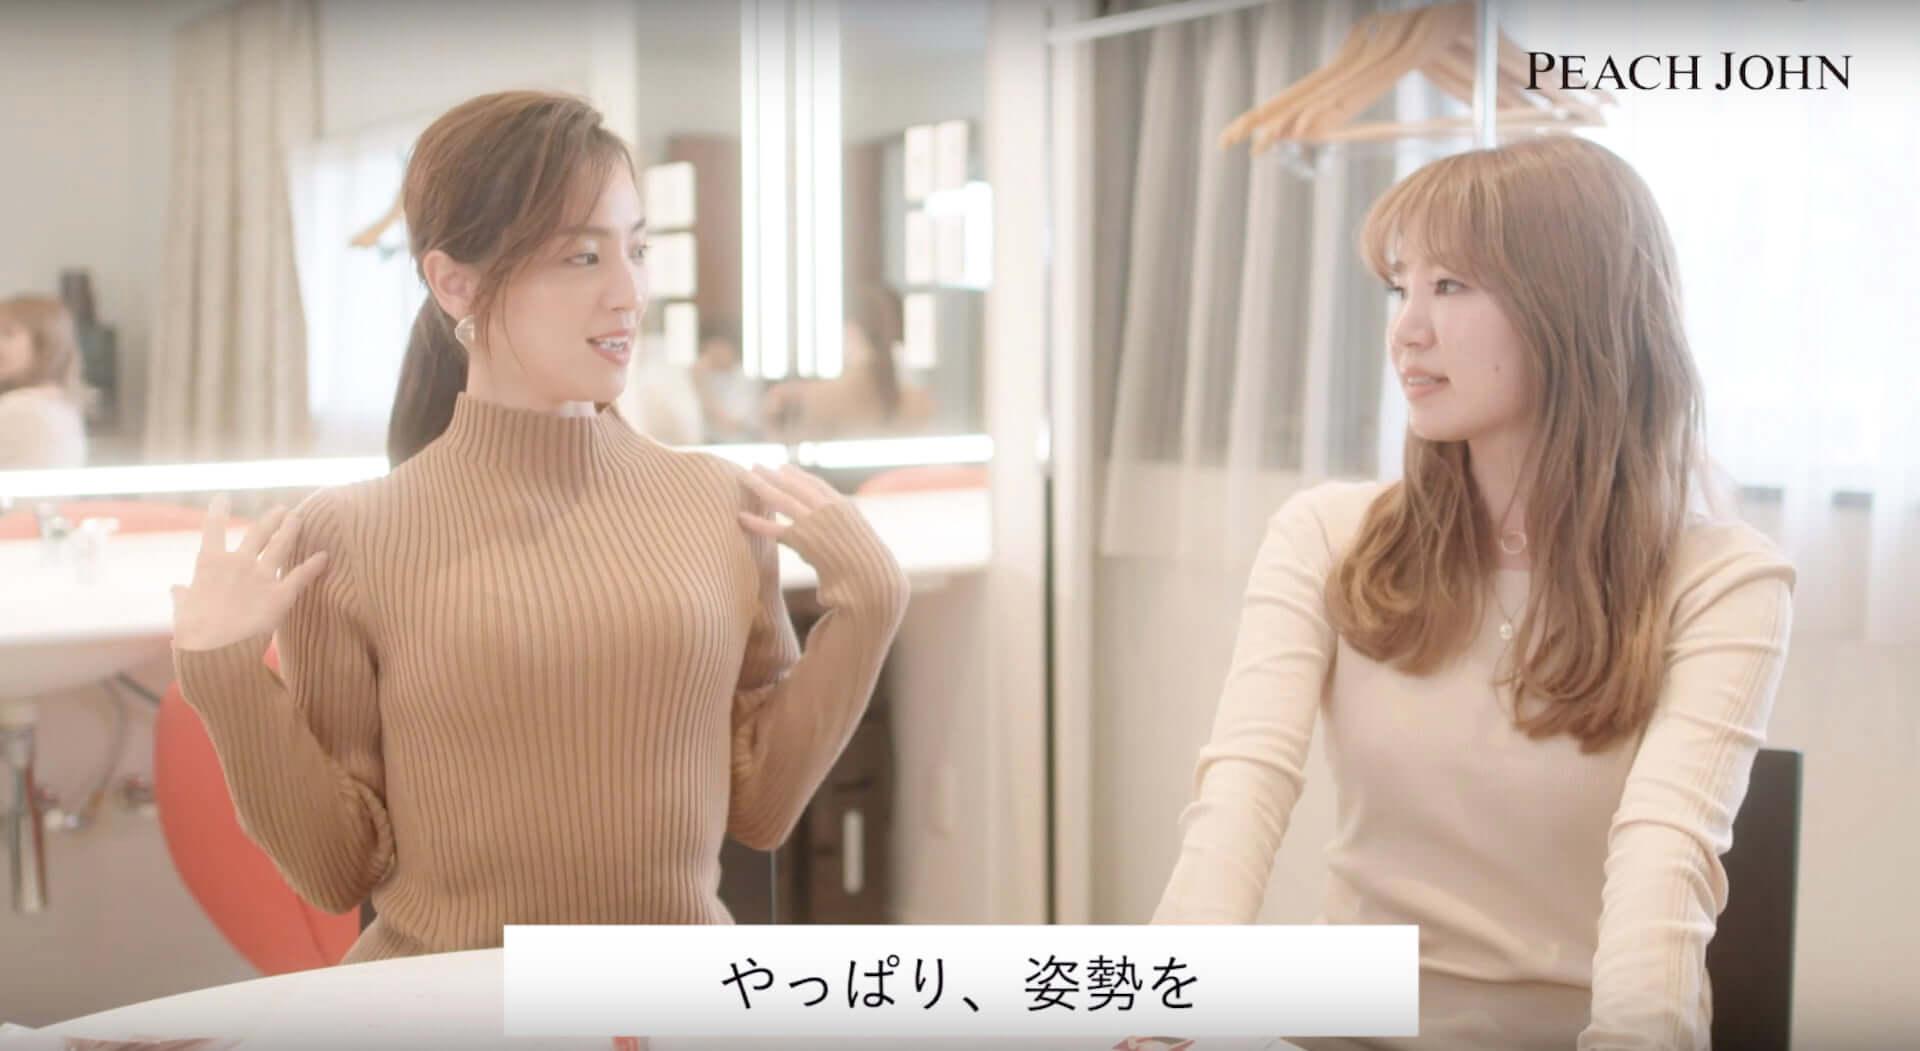 中村アン、100秒間で1枚以上売れたブラで美乳を披露 PEACH JOHN「やせ見えする方法」スペシャルムービー公開 lf190828nakamura-anne_4-1920x1051